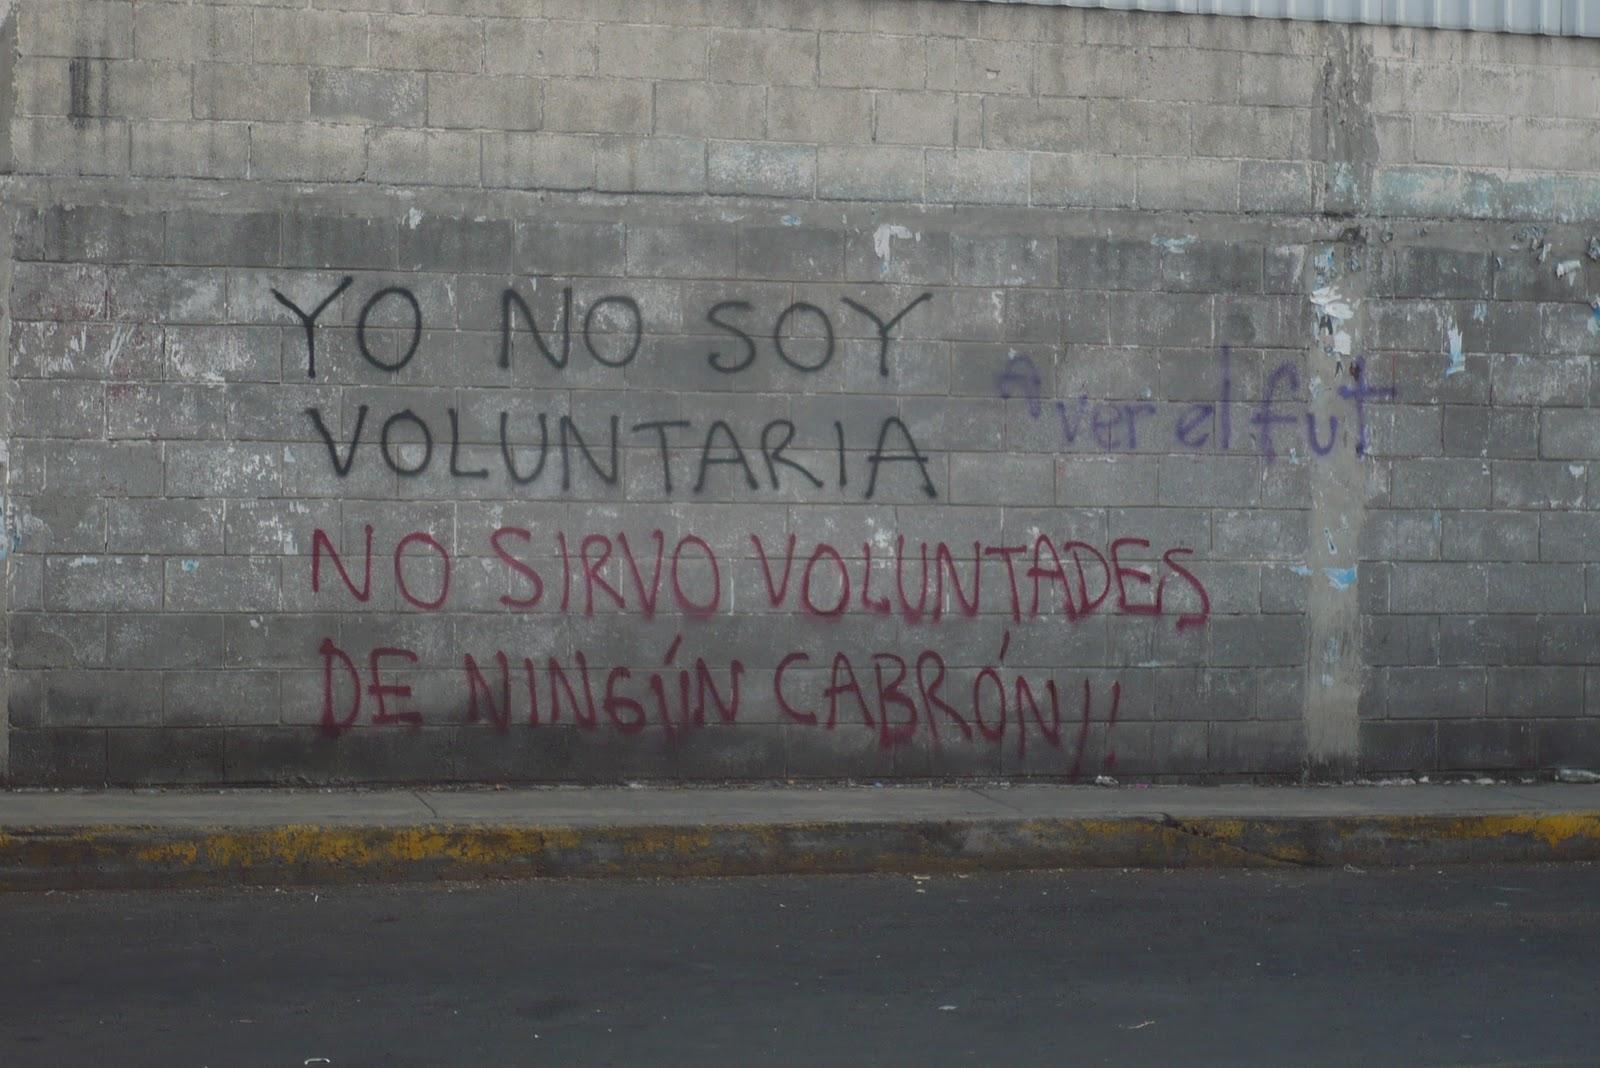 Intervención, vandalismo, arte?